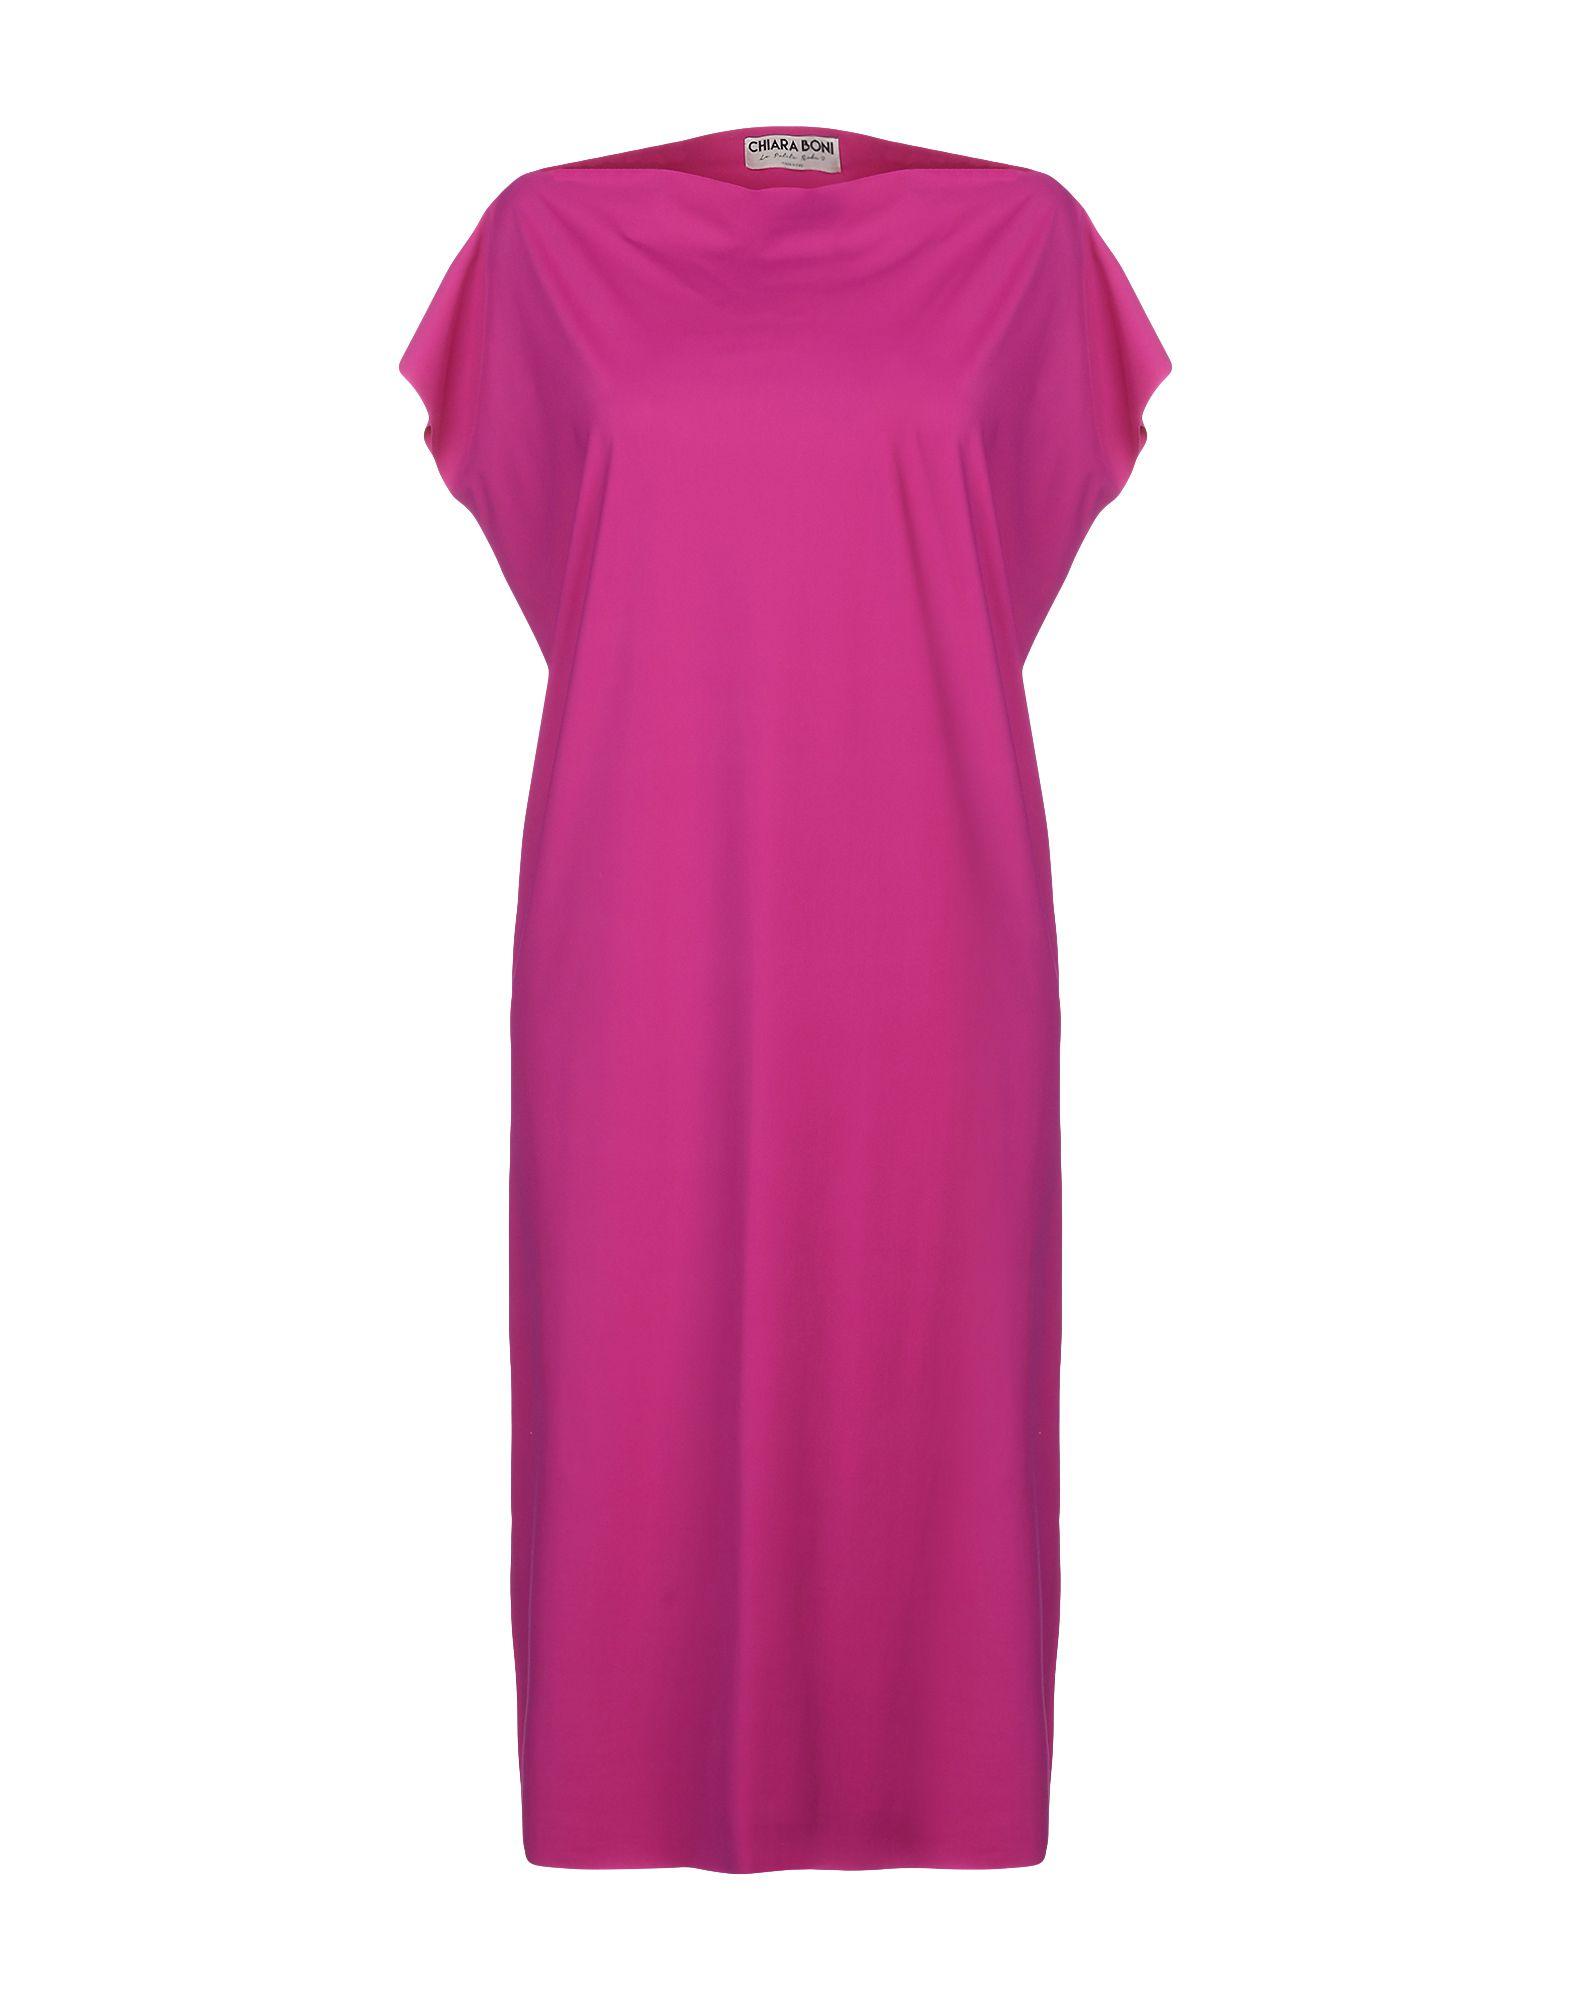 CHIARA BONI LA PETITE ROBE Платье длиной 3/4 la fabrique платье длиной 3 4